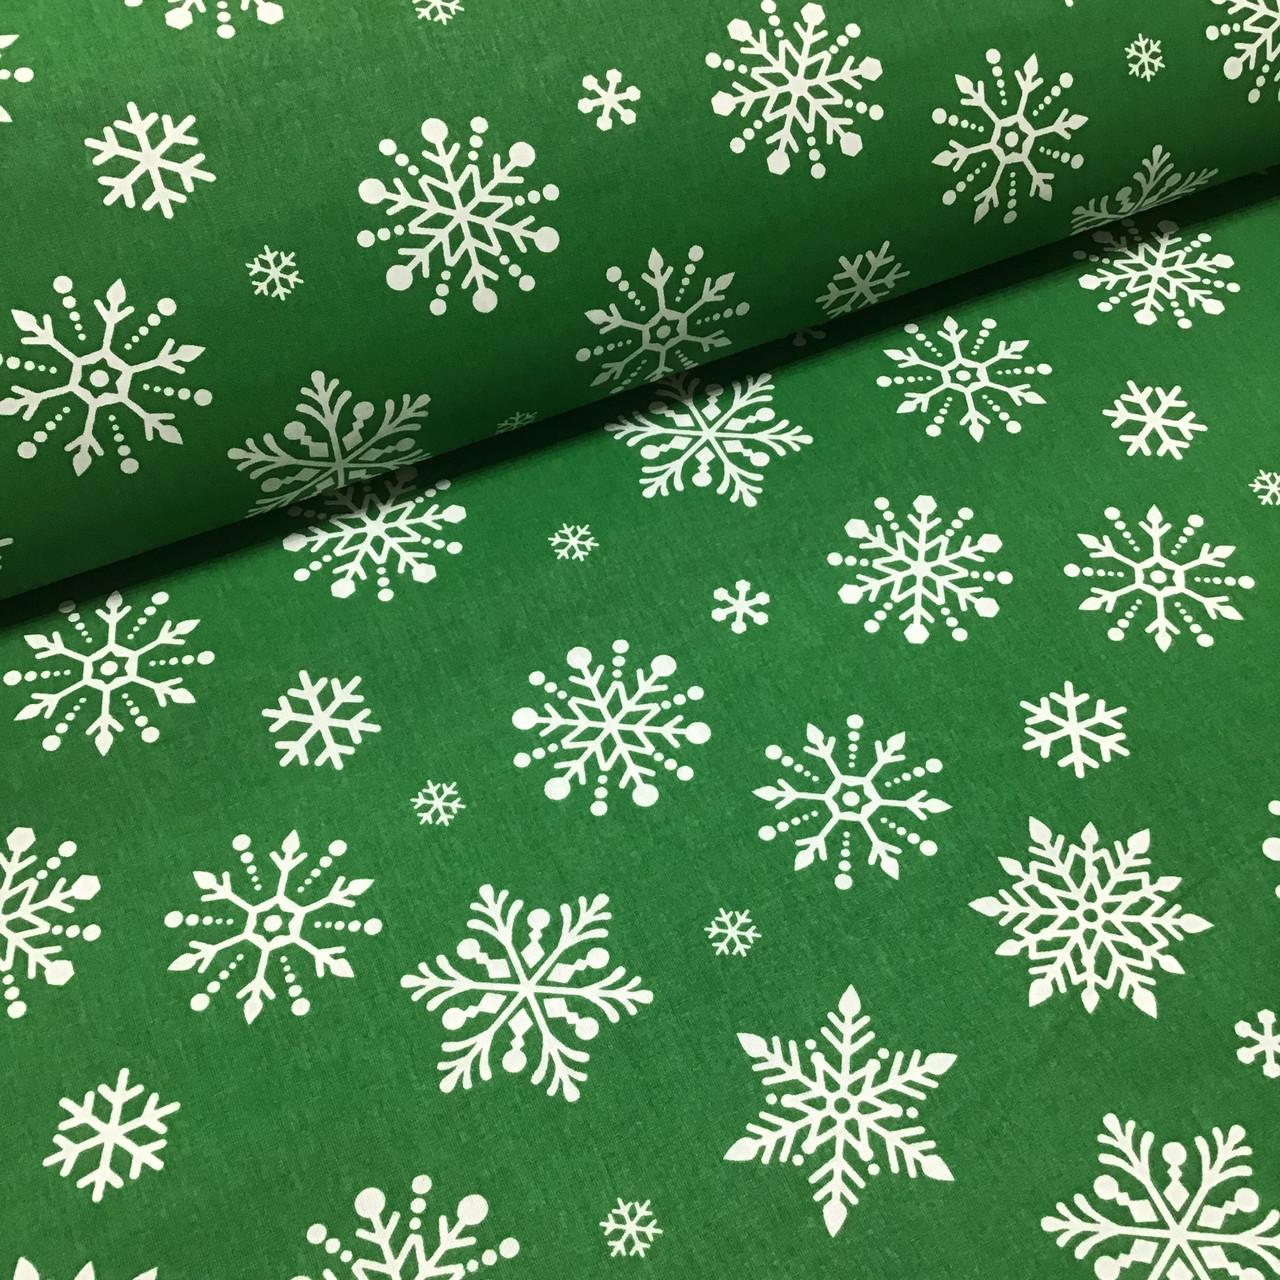 Ткань хлопковая новогодняя, белые крупные снежинки на зеленом